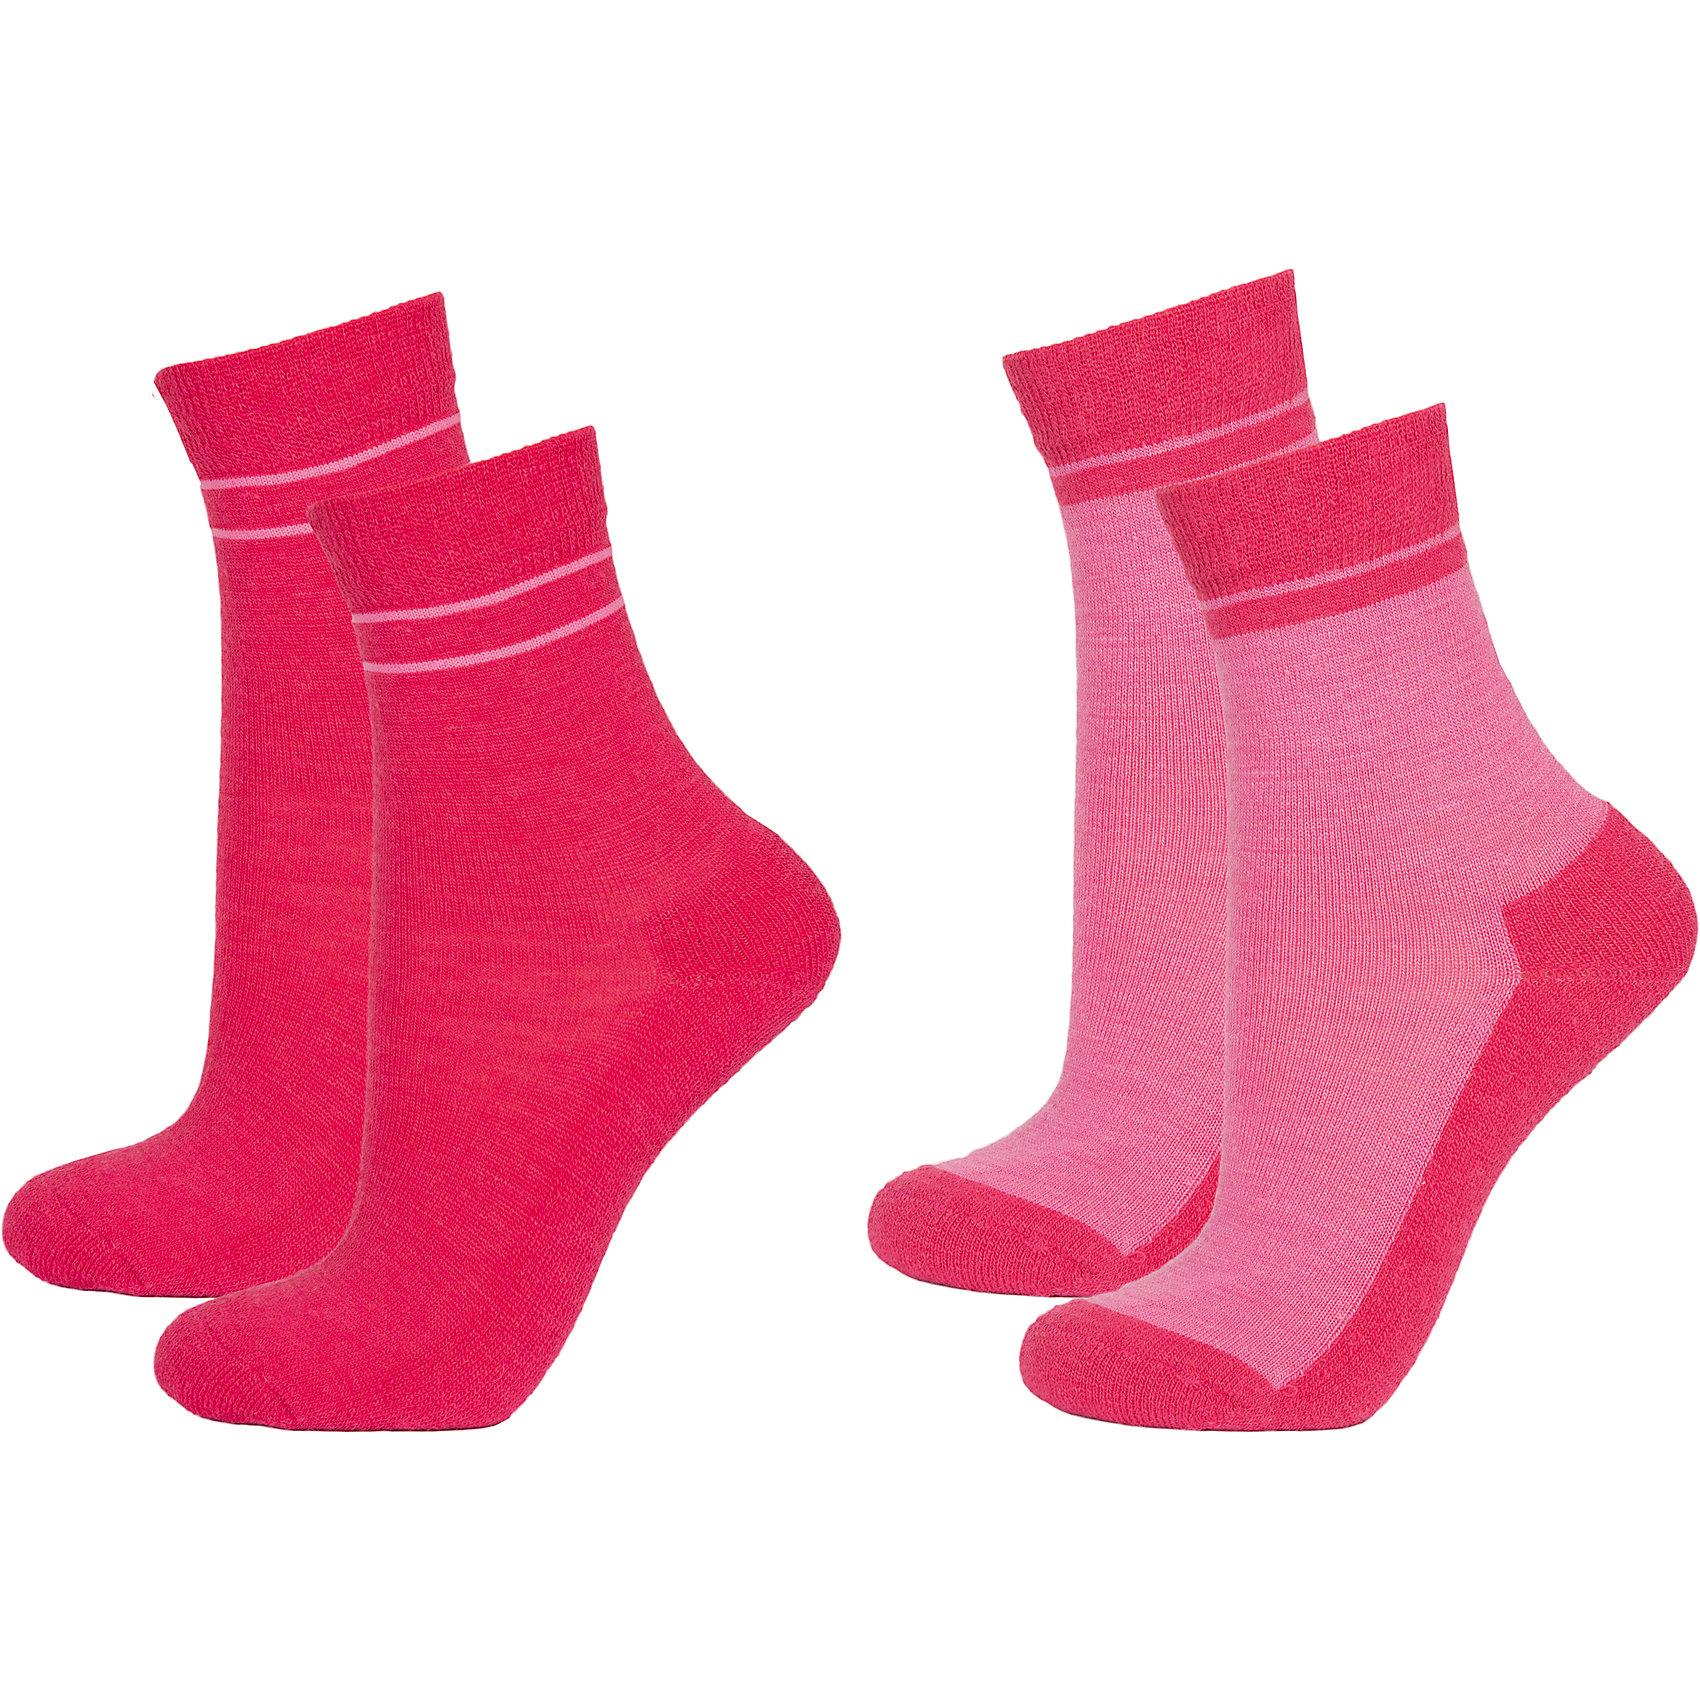 Носки: 2 пары  для девочки JanusНоски: 2 пары  для девочки известной марки Janus.<br><br>Теплые и мягкие махровые носочки Janus из  шерсти мериноса подарят тепло и комфорт вашему малышу, согревая его ножки в любую погоду. Две пары носочков с махровой вязкой на ступне идеальны для длительных прогулок в осенне-зимний сезон. Между махровыми петельками создается воздушная прослойка, обеспечивающая дополнительное тепло, а значит, в таких носках ребенок не замерзнет и не простудится даже в самый сильный мороз.<br><br>Уникальные антиаллергенные свойства мериносовой шерсти позволяют надевать носочки Janus на голую ногу, не вызывая раздражения кожи. Мягкий, приятный на ощупь и легкий в уходе материал позволит ребенку чувствовать себя комфортно и дома, и на прогулке. <br><br>Состав: 68% шерсть, 30% полиамид, 2% эластан<br><br>Ширина мм: 87<br>Глубина мм: 10<br>Высота мм: 105<br>Вес г: 115<br>Цвет: розовый<br>Возраст от месяцев: 132<br>Возраст до месяцев: 168<br>Пол: Женский<br>Возраст: Детский<br>Размер: 35-39,30-34,20-24,25-29<br>SKU: 4913846